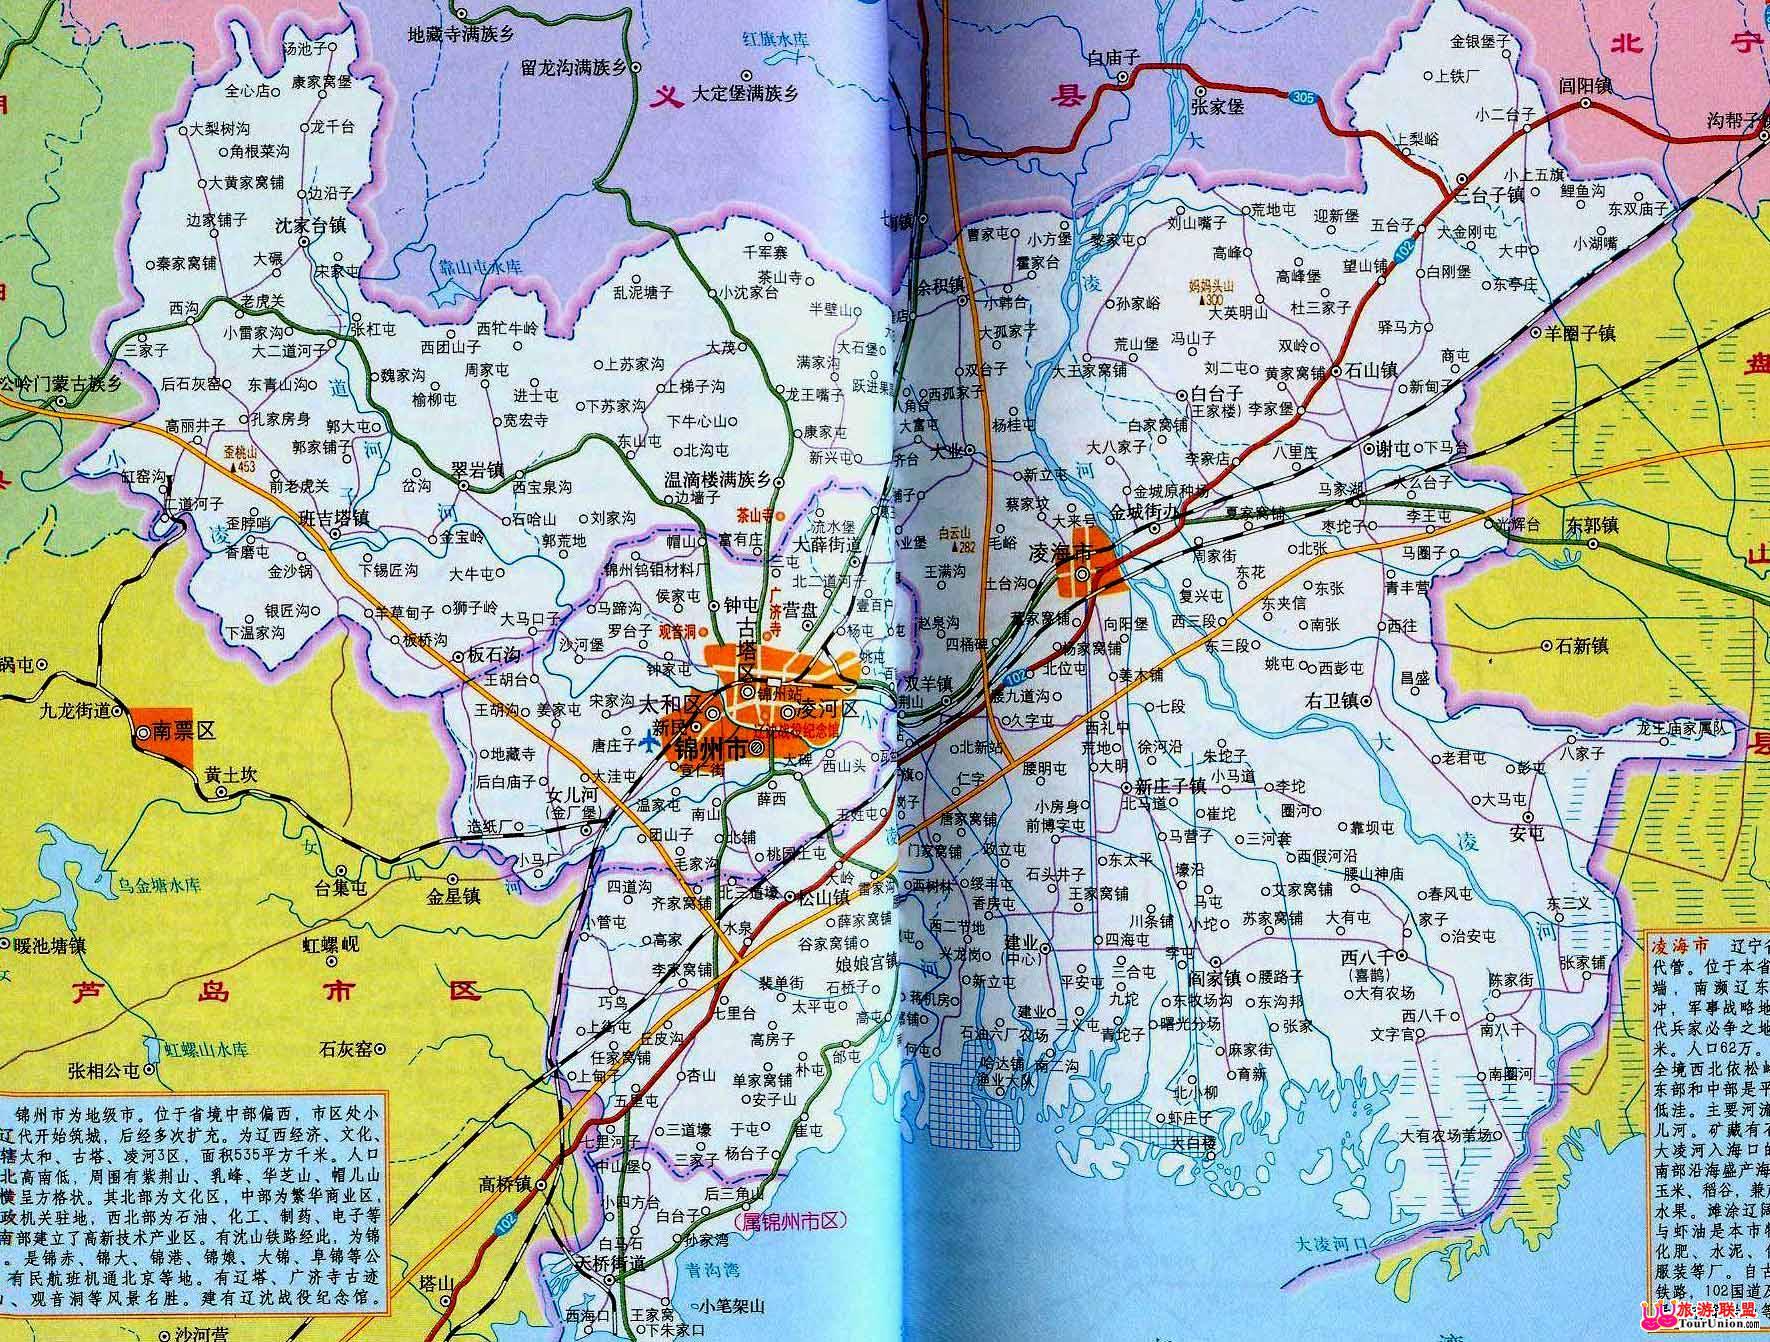 凌海电子地图·凌海风光图库·图行锦州·图行辽